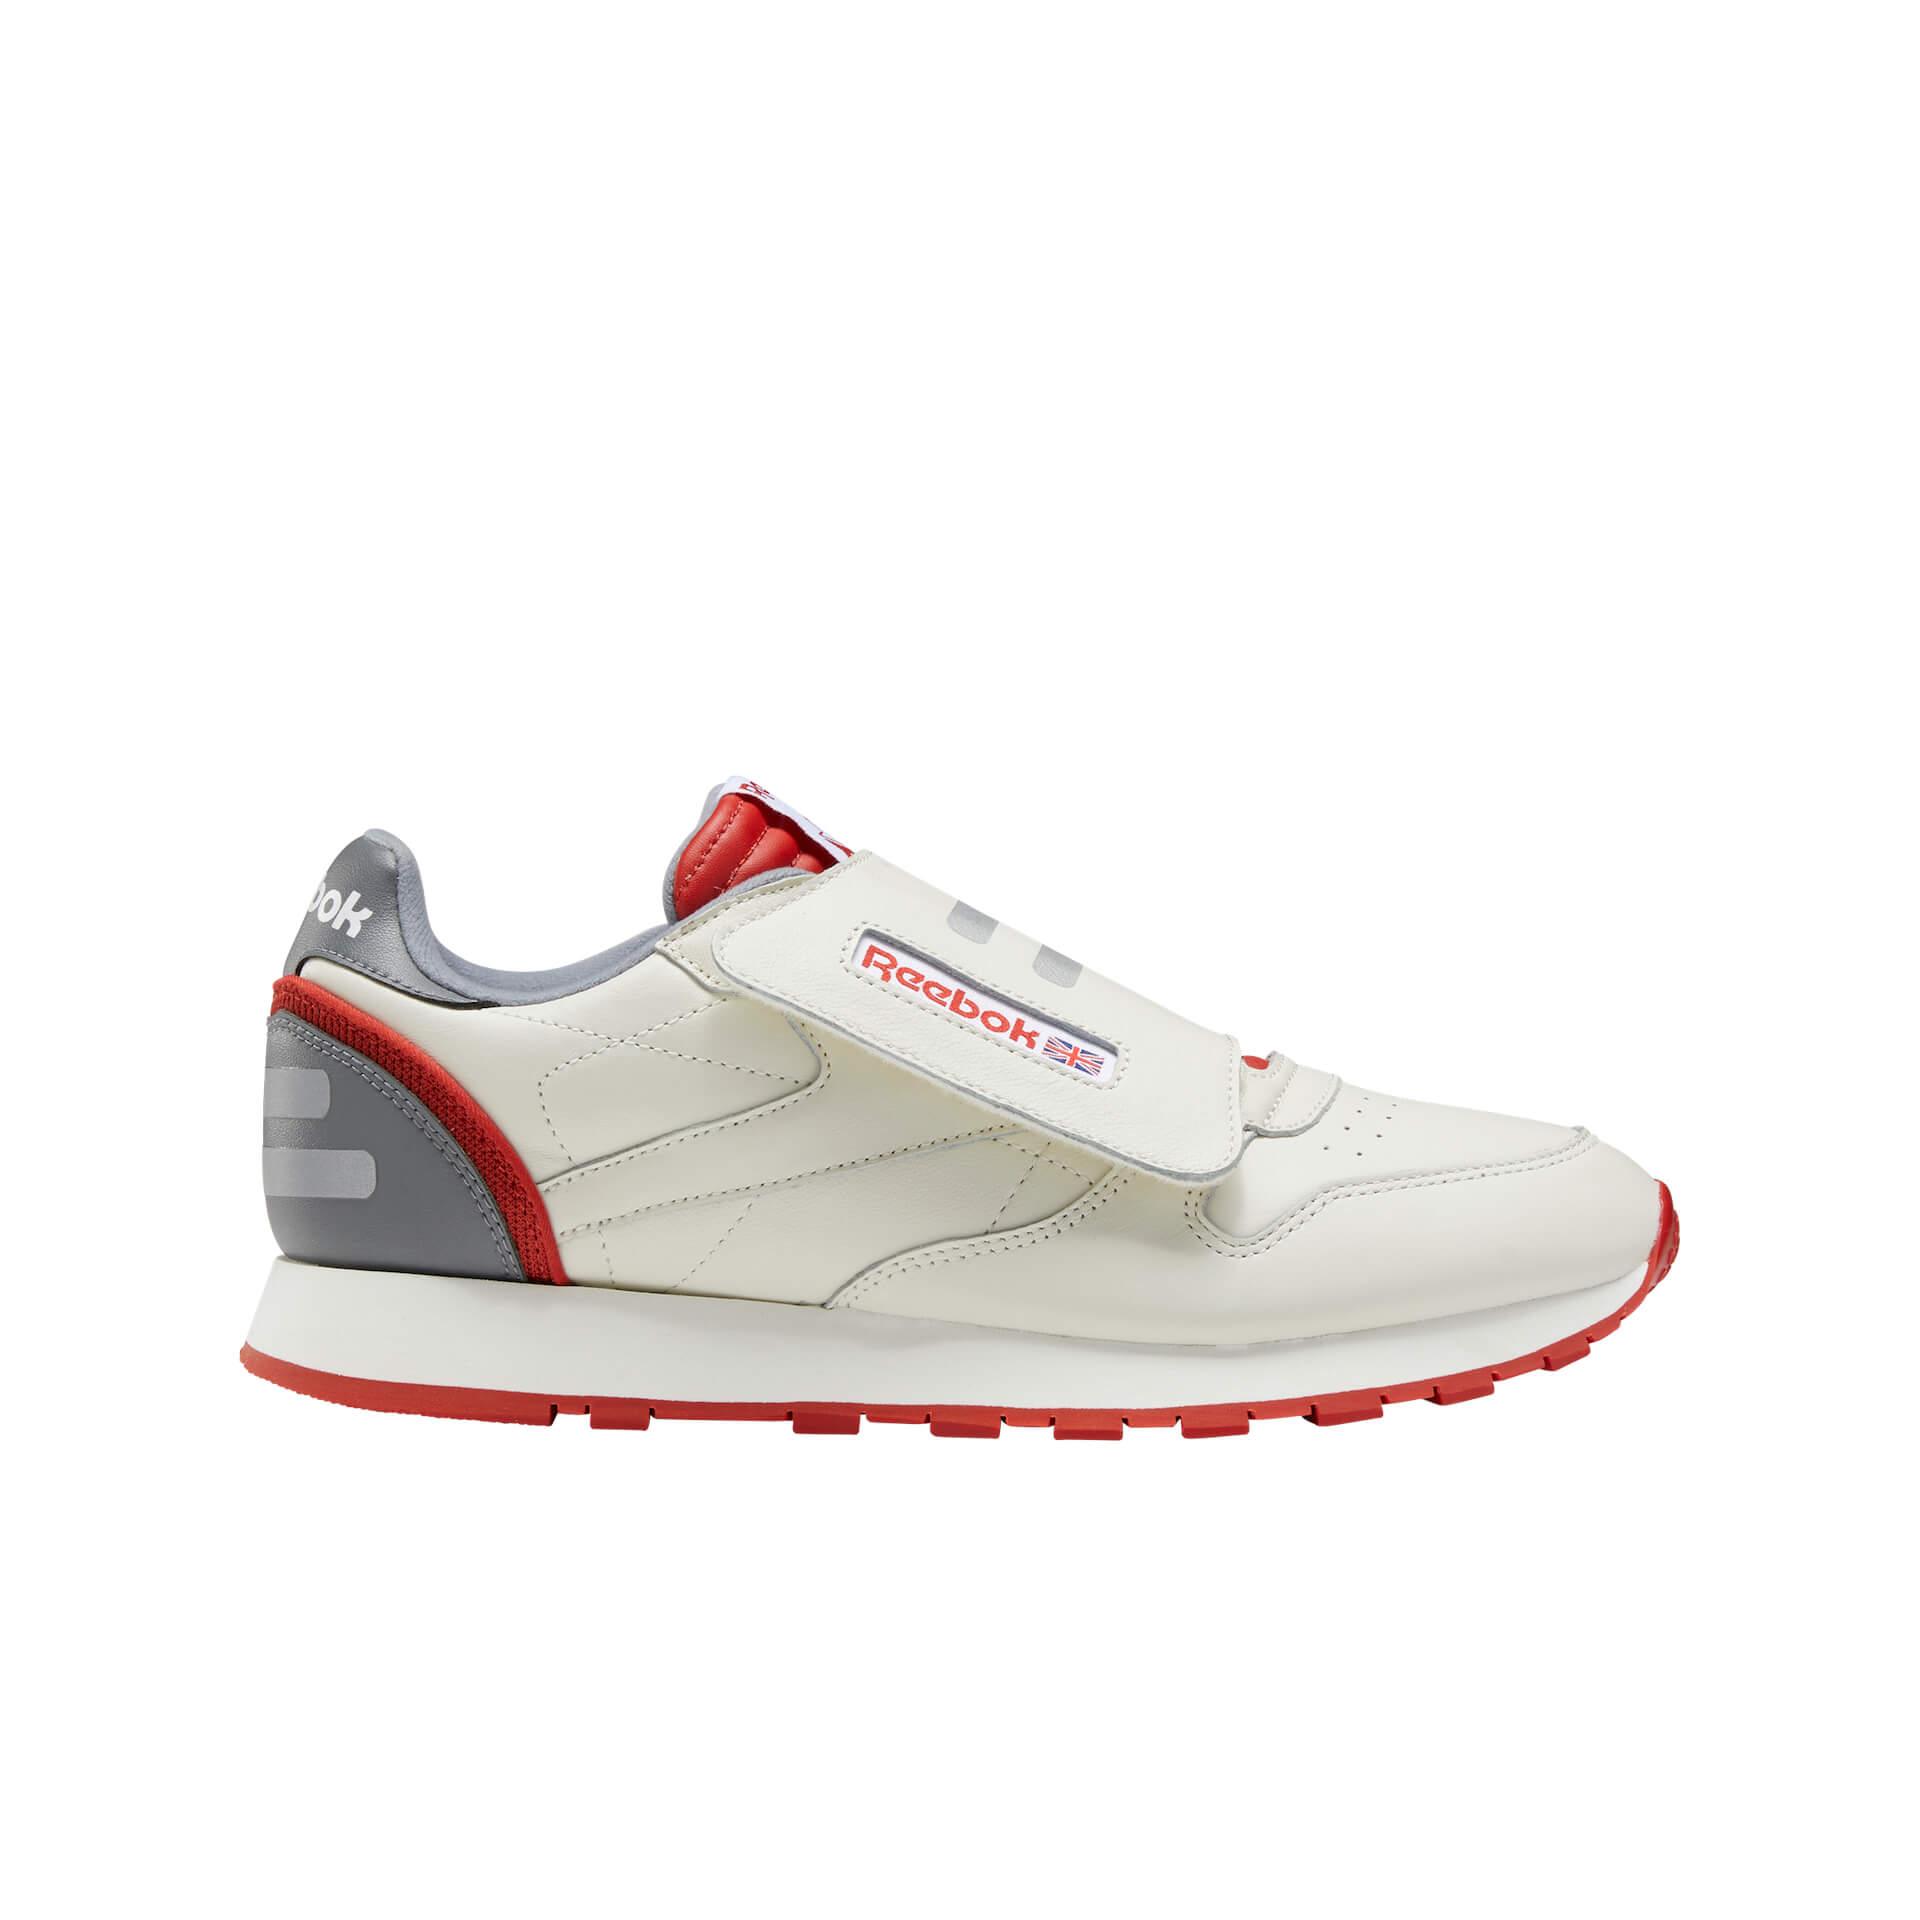 映画『エイリアン』にも登場したモデルのデザインを踏襲したReebokのアイコニックモデル「CL LEATHER STOMPER」が登場 life200413_reebok_shoes_1